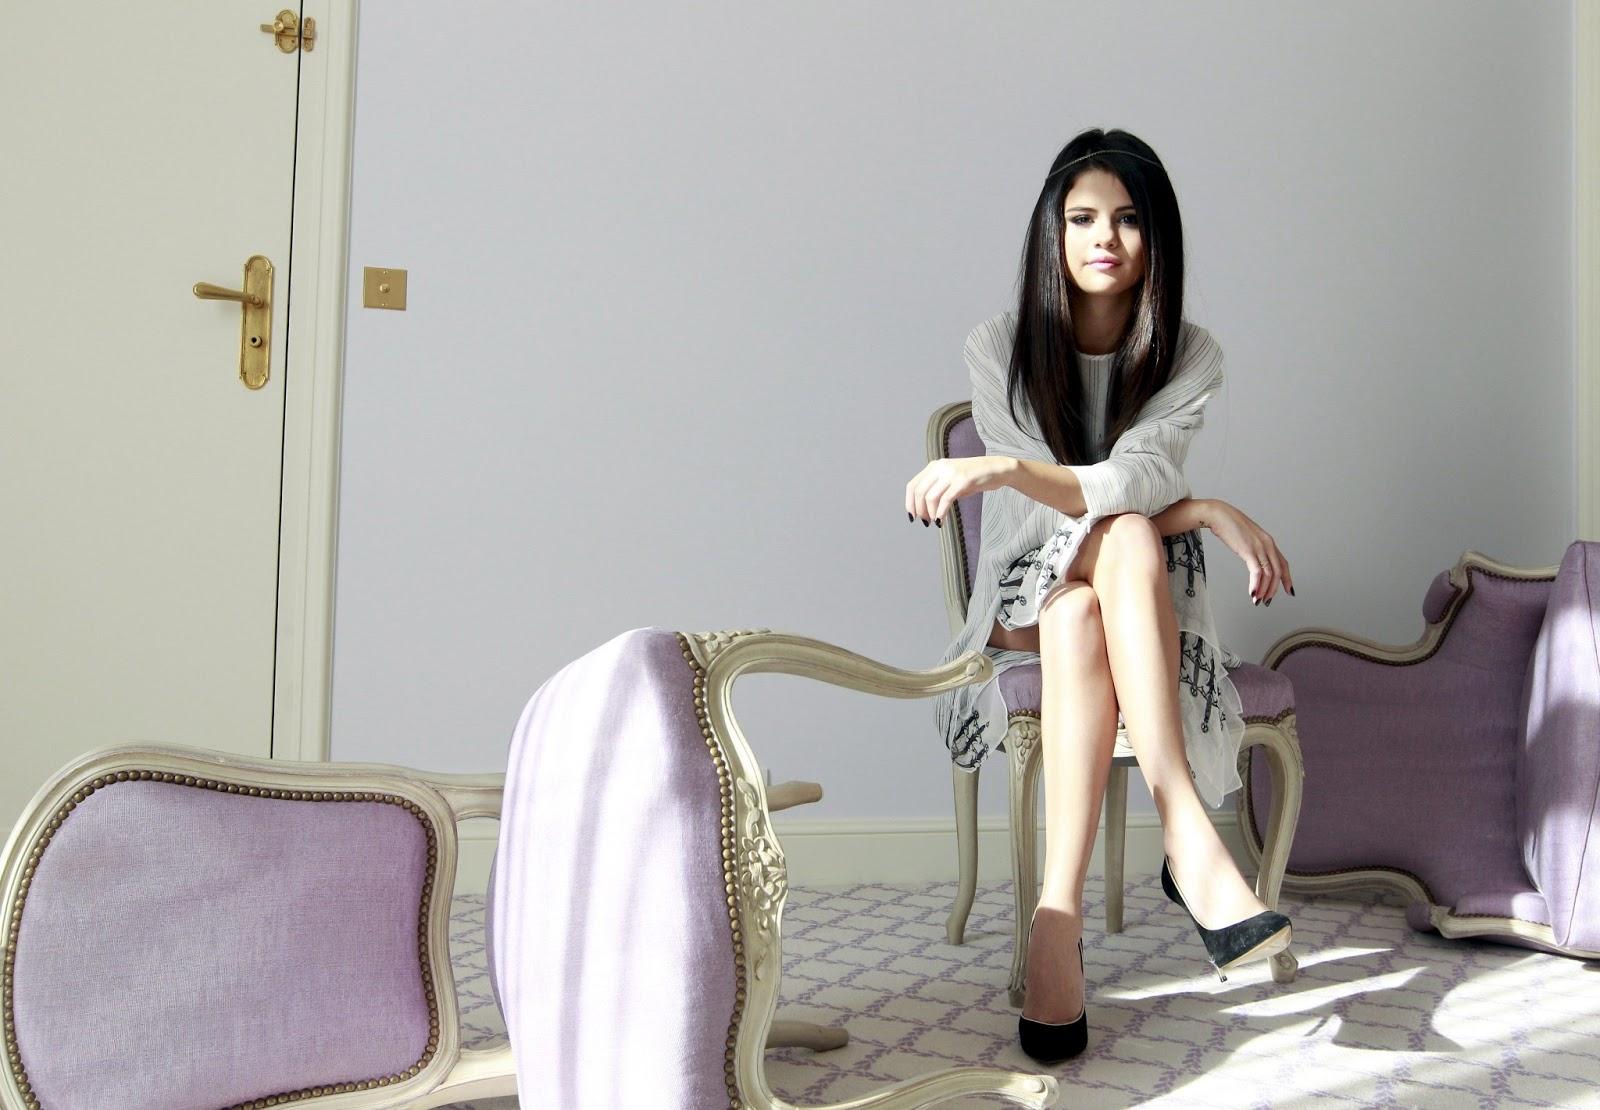 Selena Gomez Spring Breakers 2013